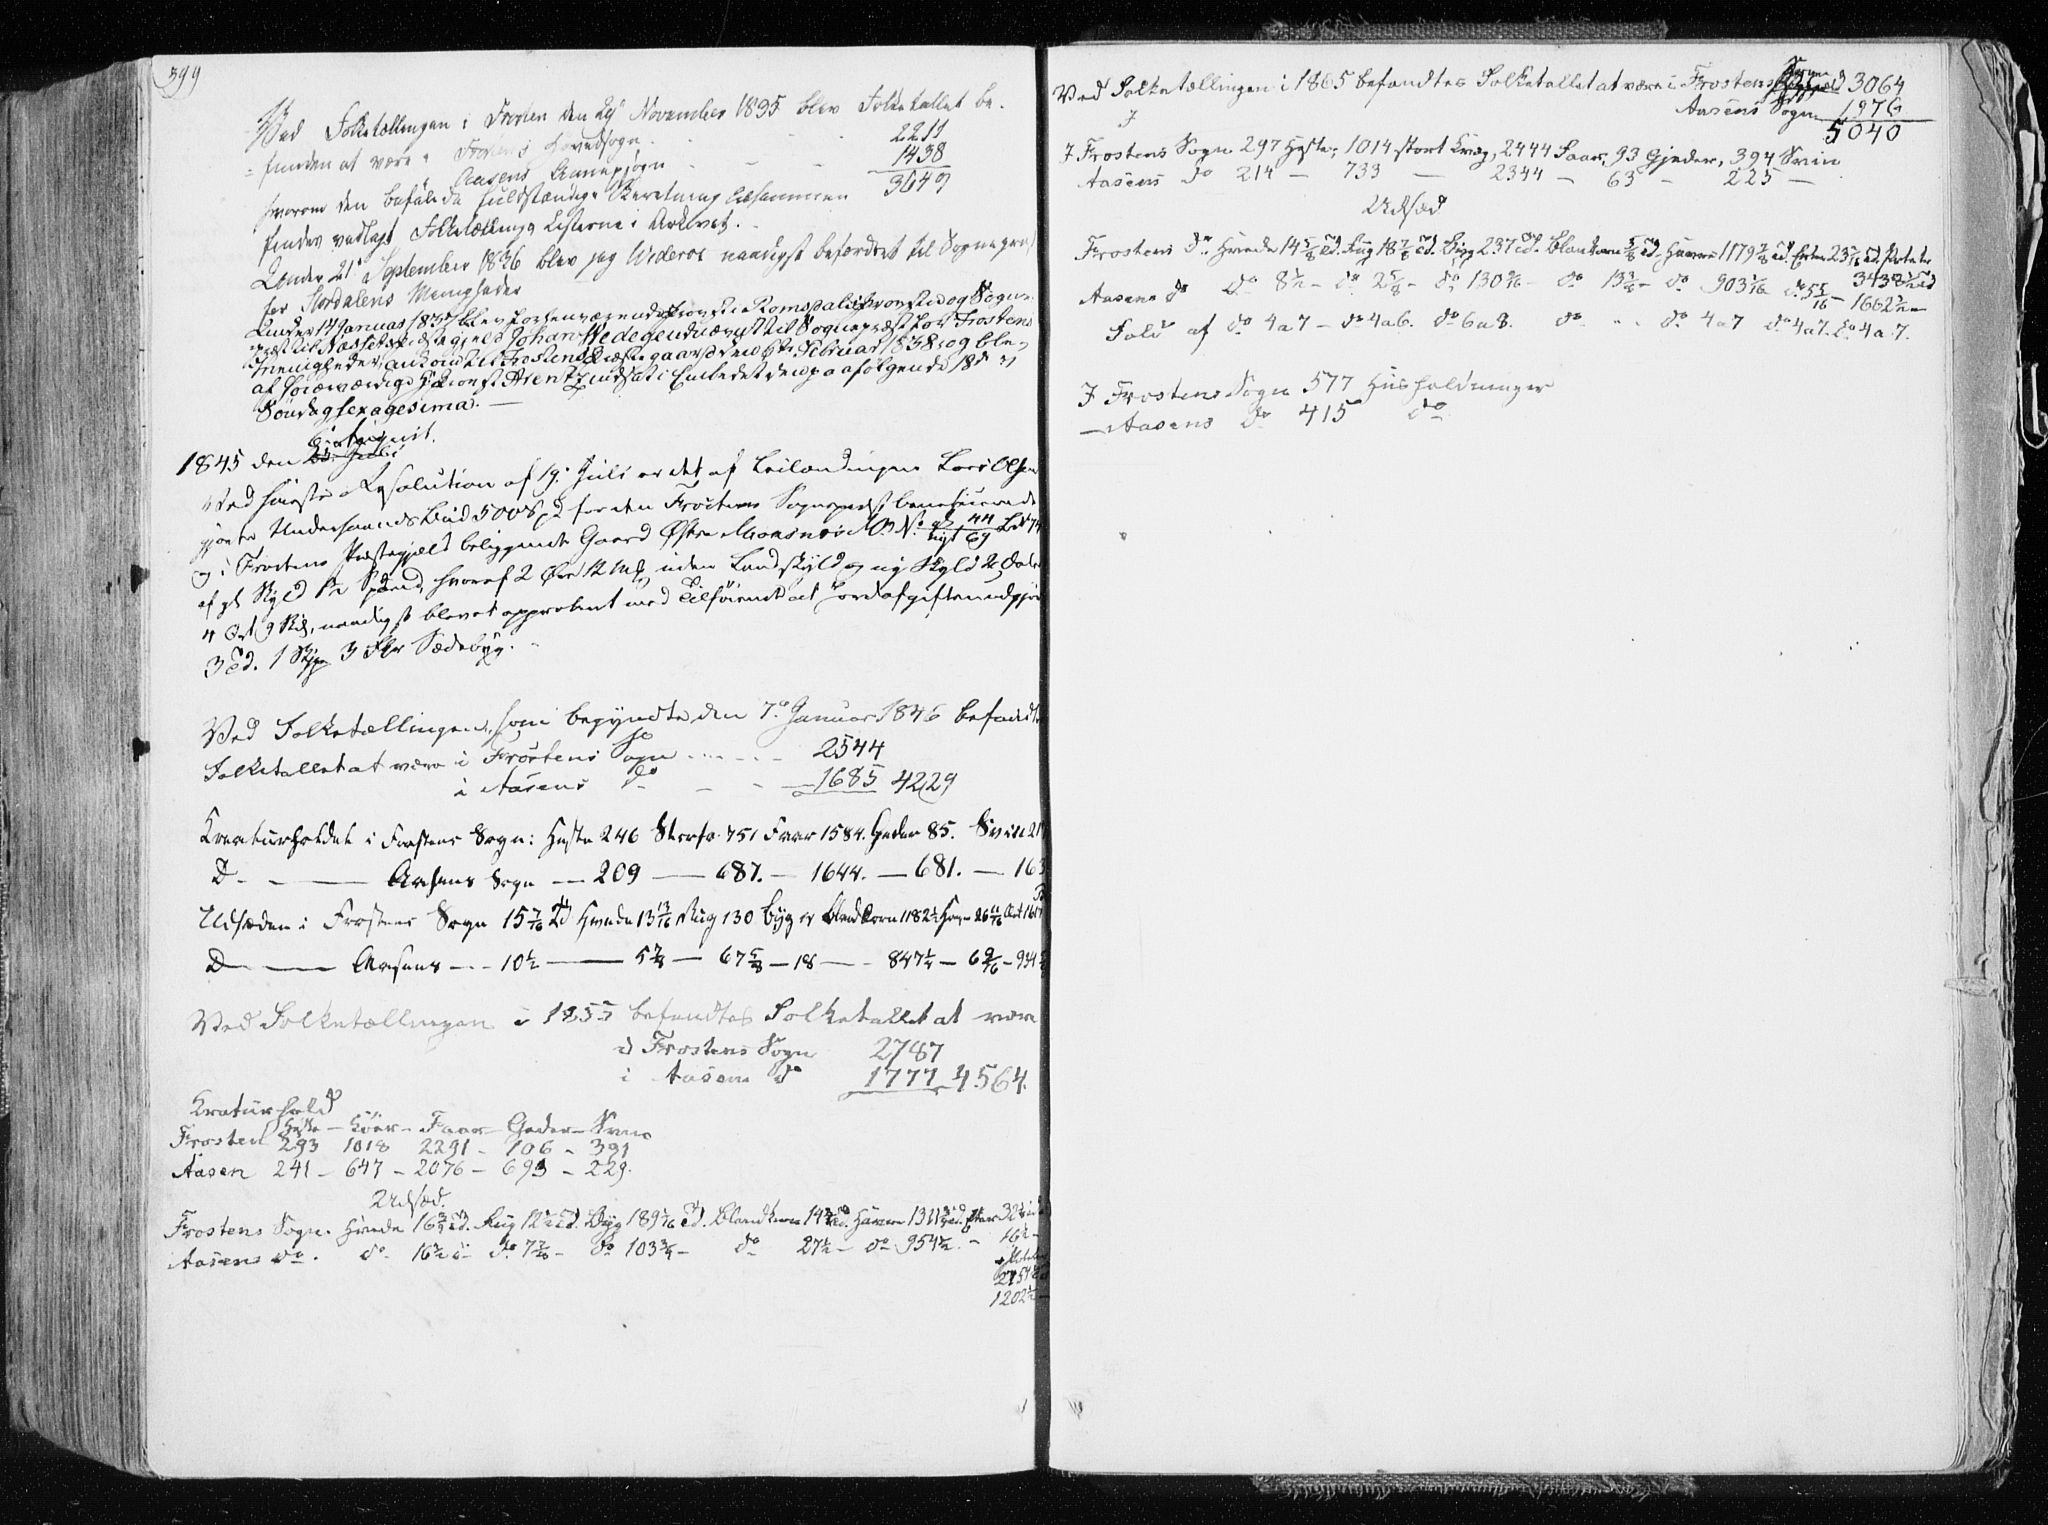 SAT, Ministerialprotokoller, klokkerbøker og fødselsregistre - Nord-Trøndelag, 713/L0114: Ministerialbok nr. 713A05, 1827-1839, s. 399